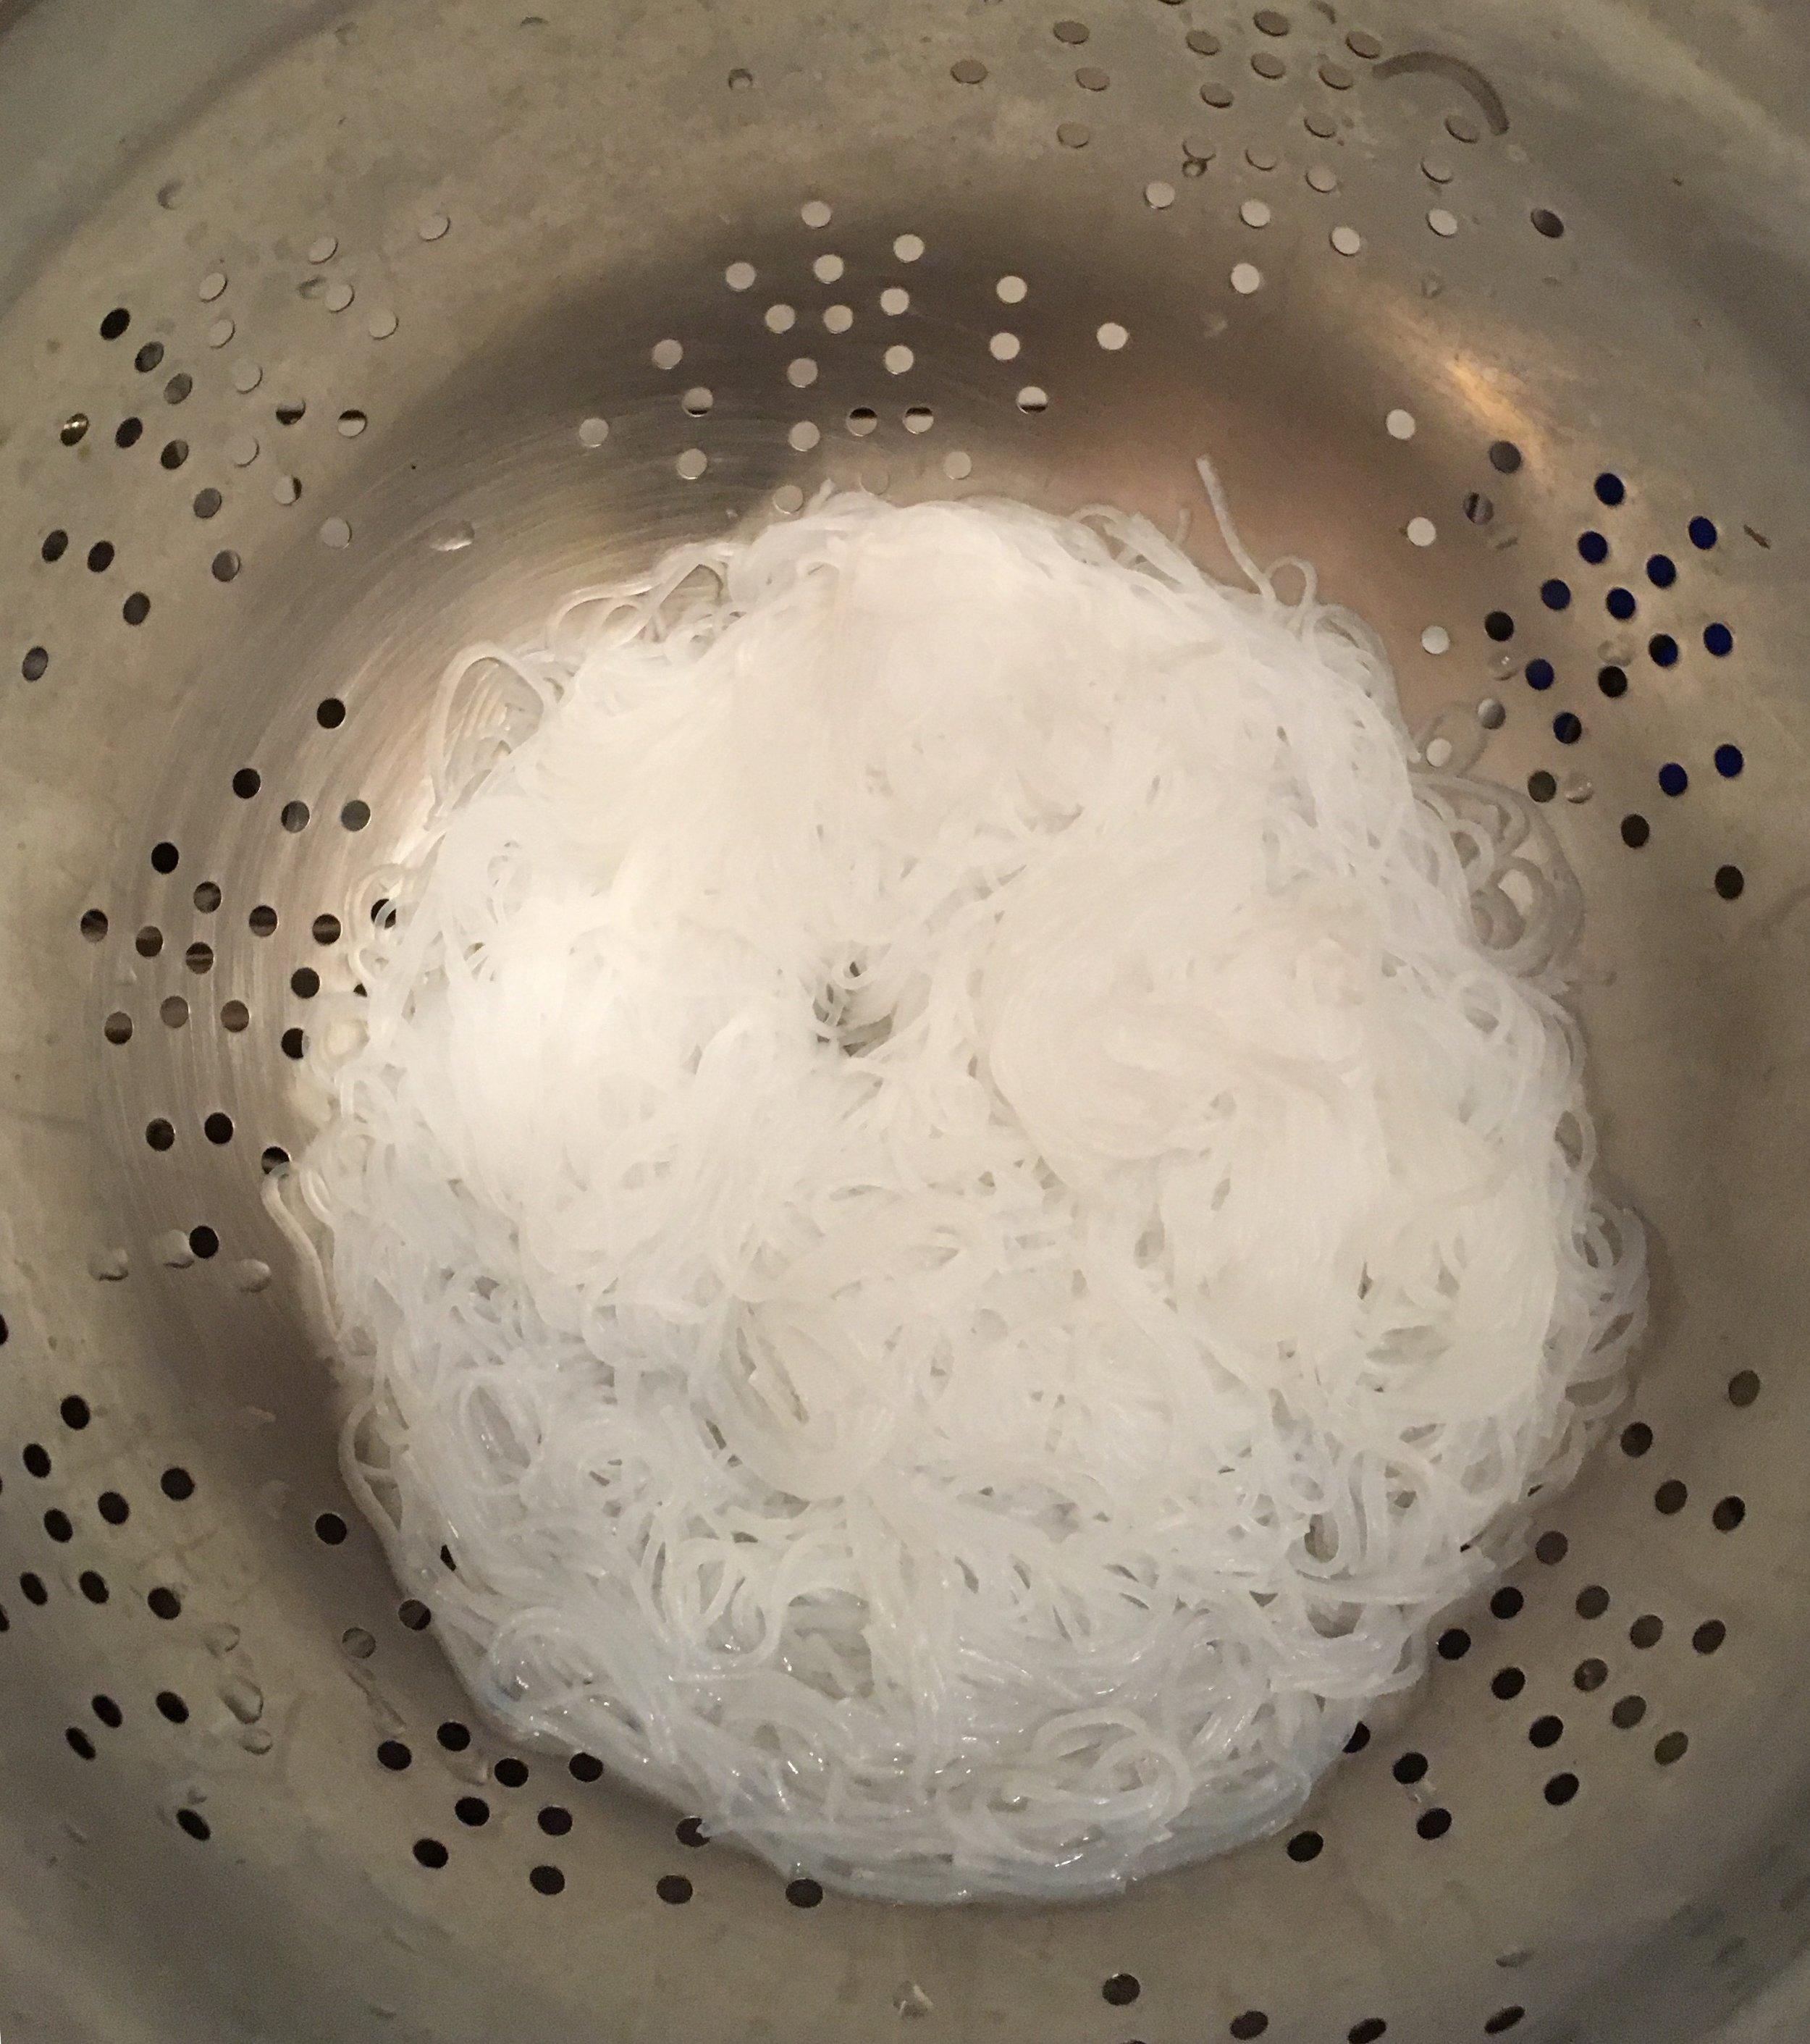 Boil noodles for 5 minutes